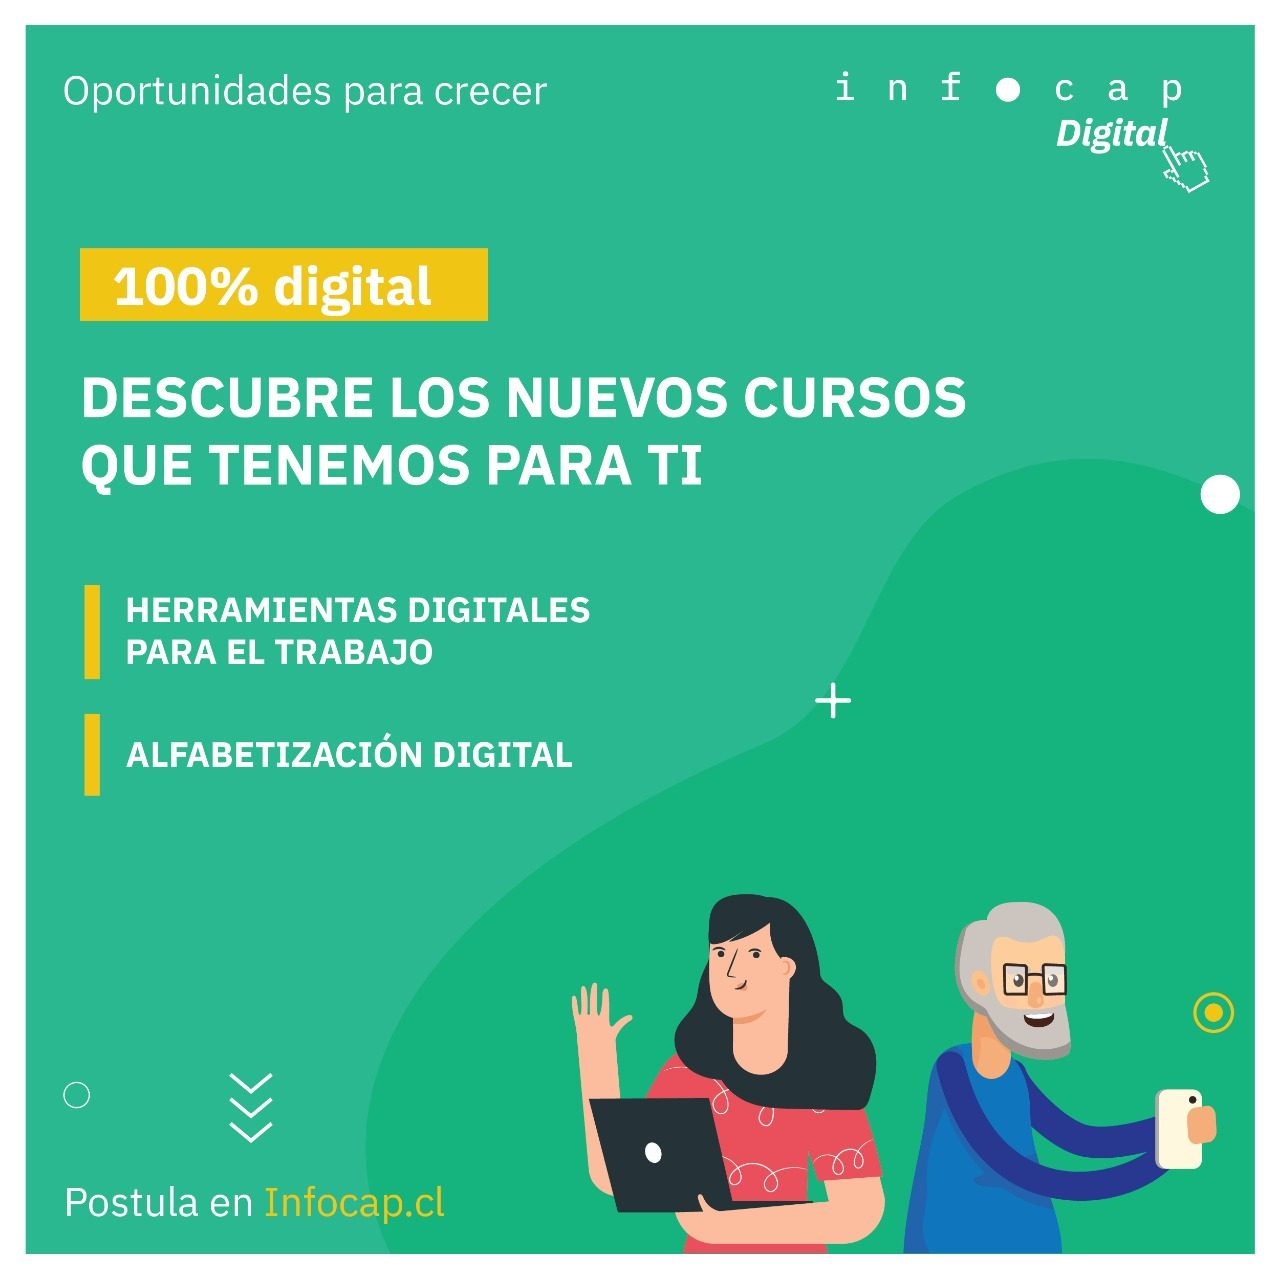 Infocap-Herramientas-digitales